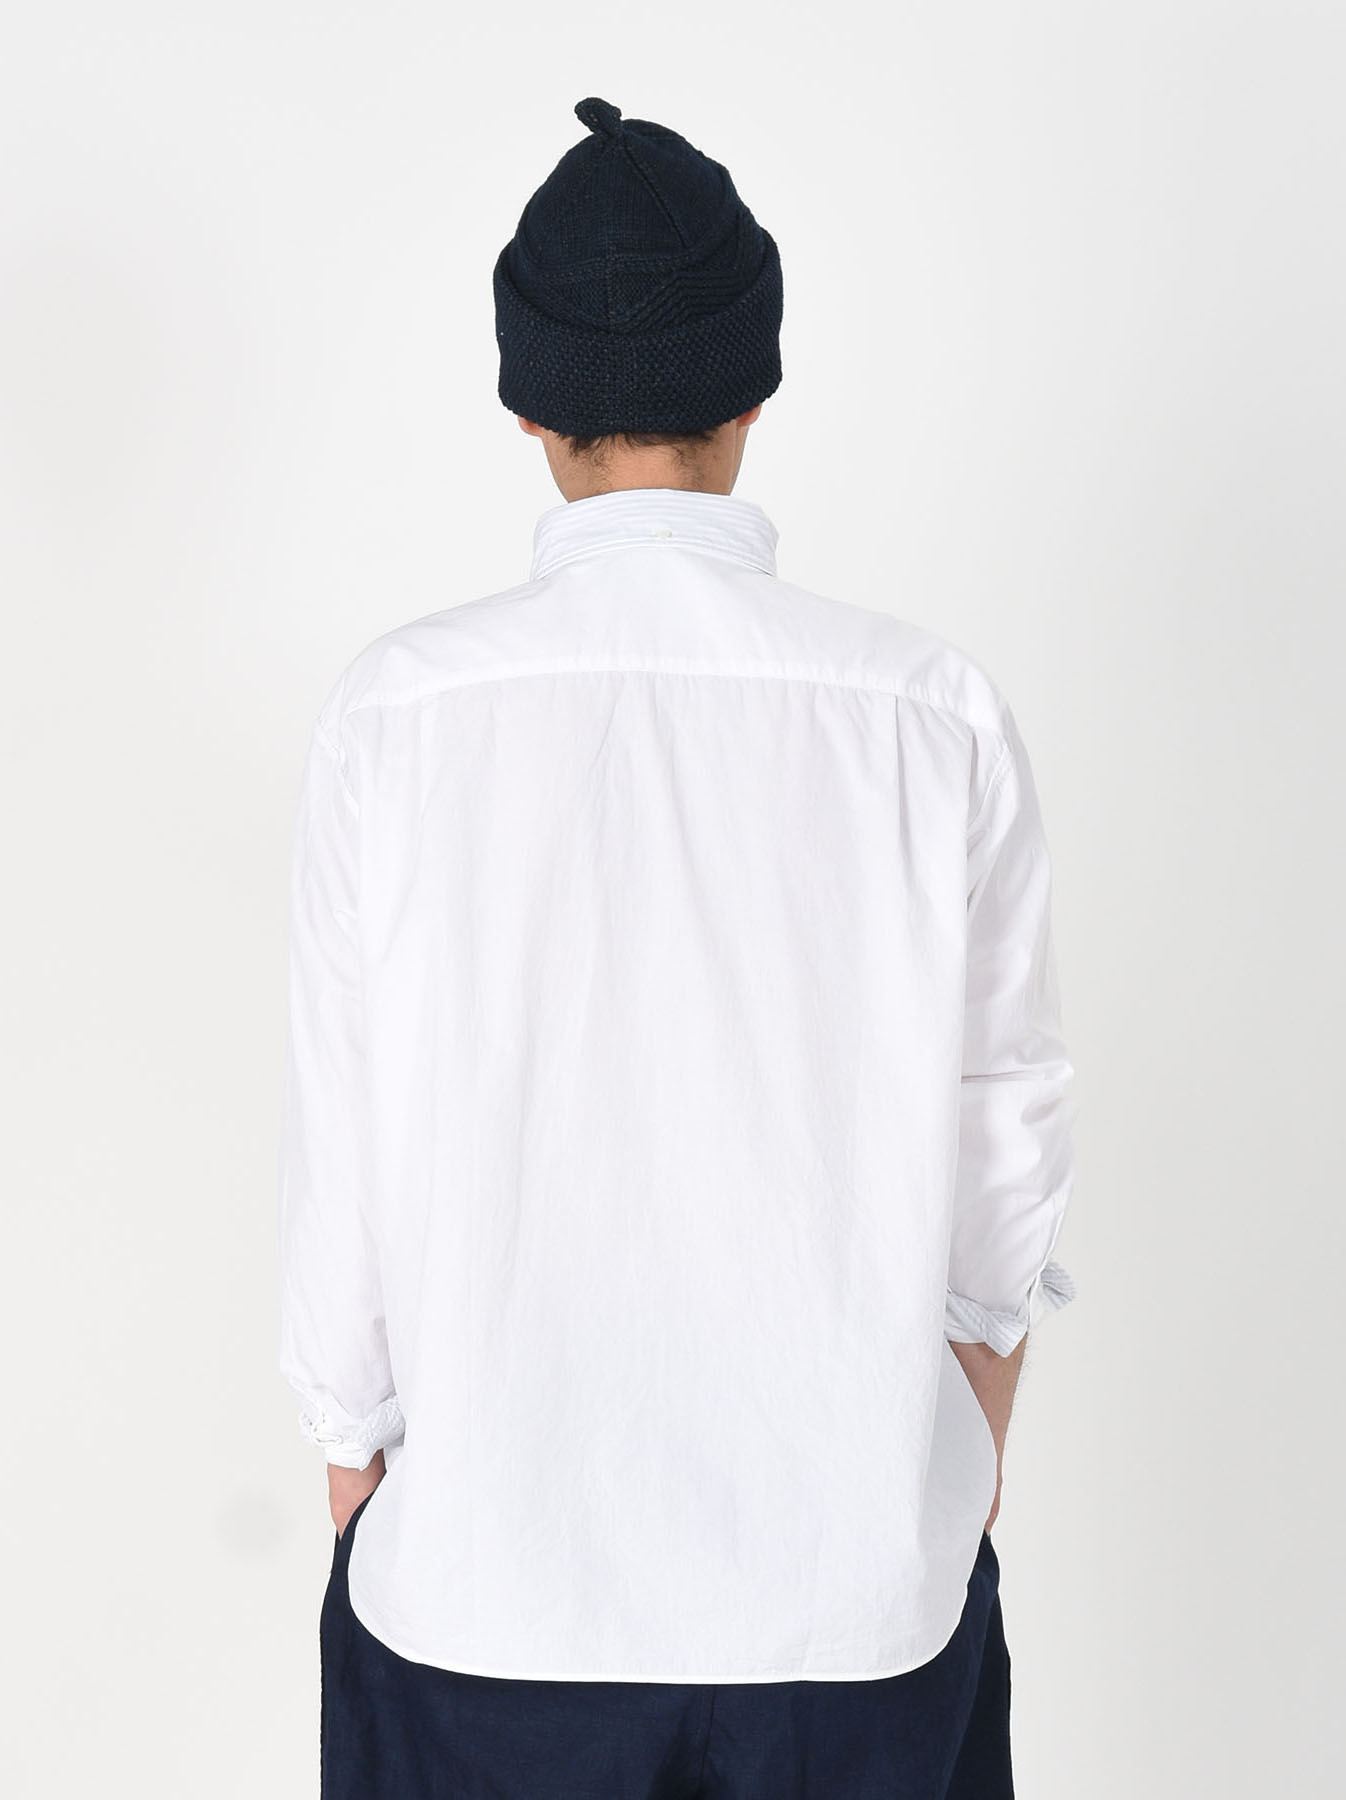 Damp Button Down Ocean Shirt-5